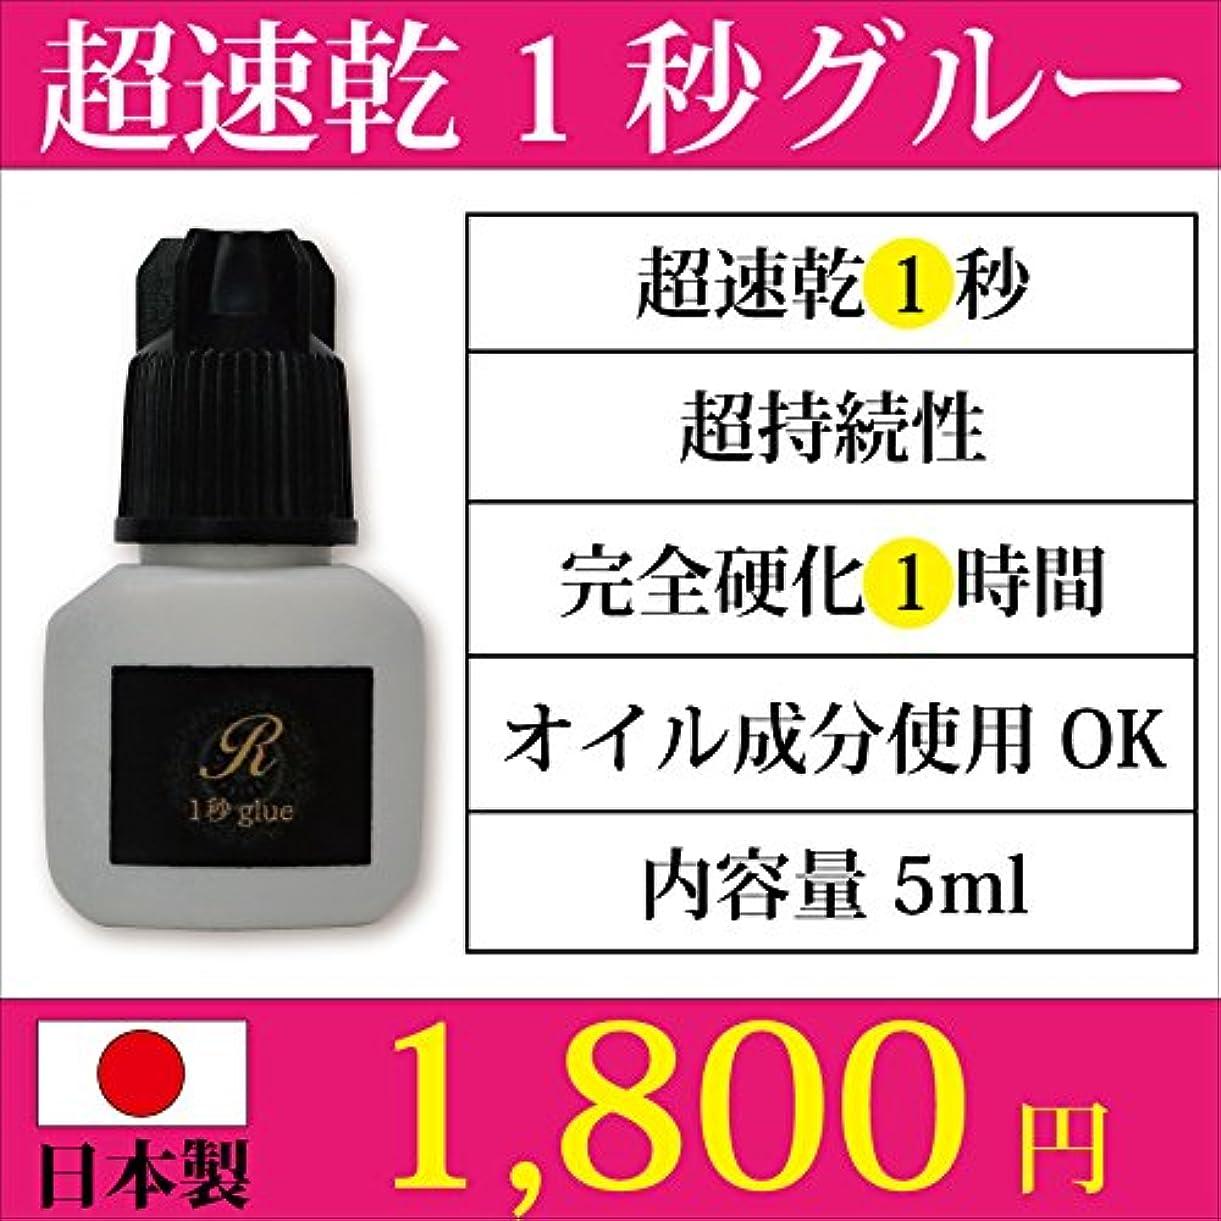 介入するバンジョープレゼンター日本製まつげエクステ超吸着1秒グルー 5ml【超速乾】【まつげエクステ】